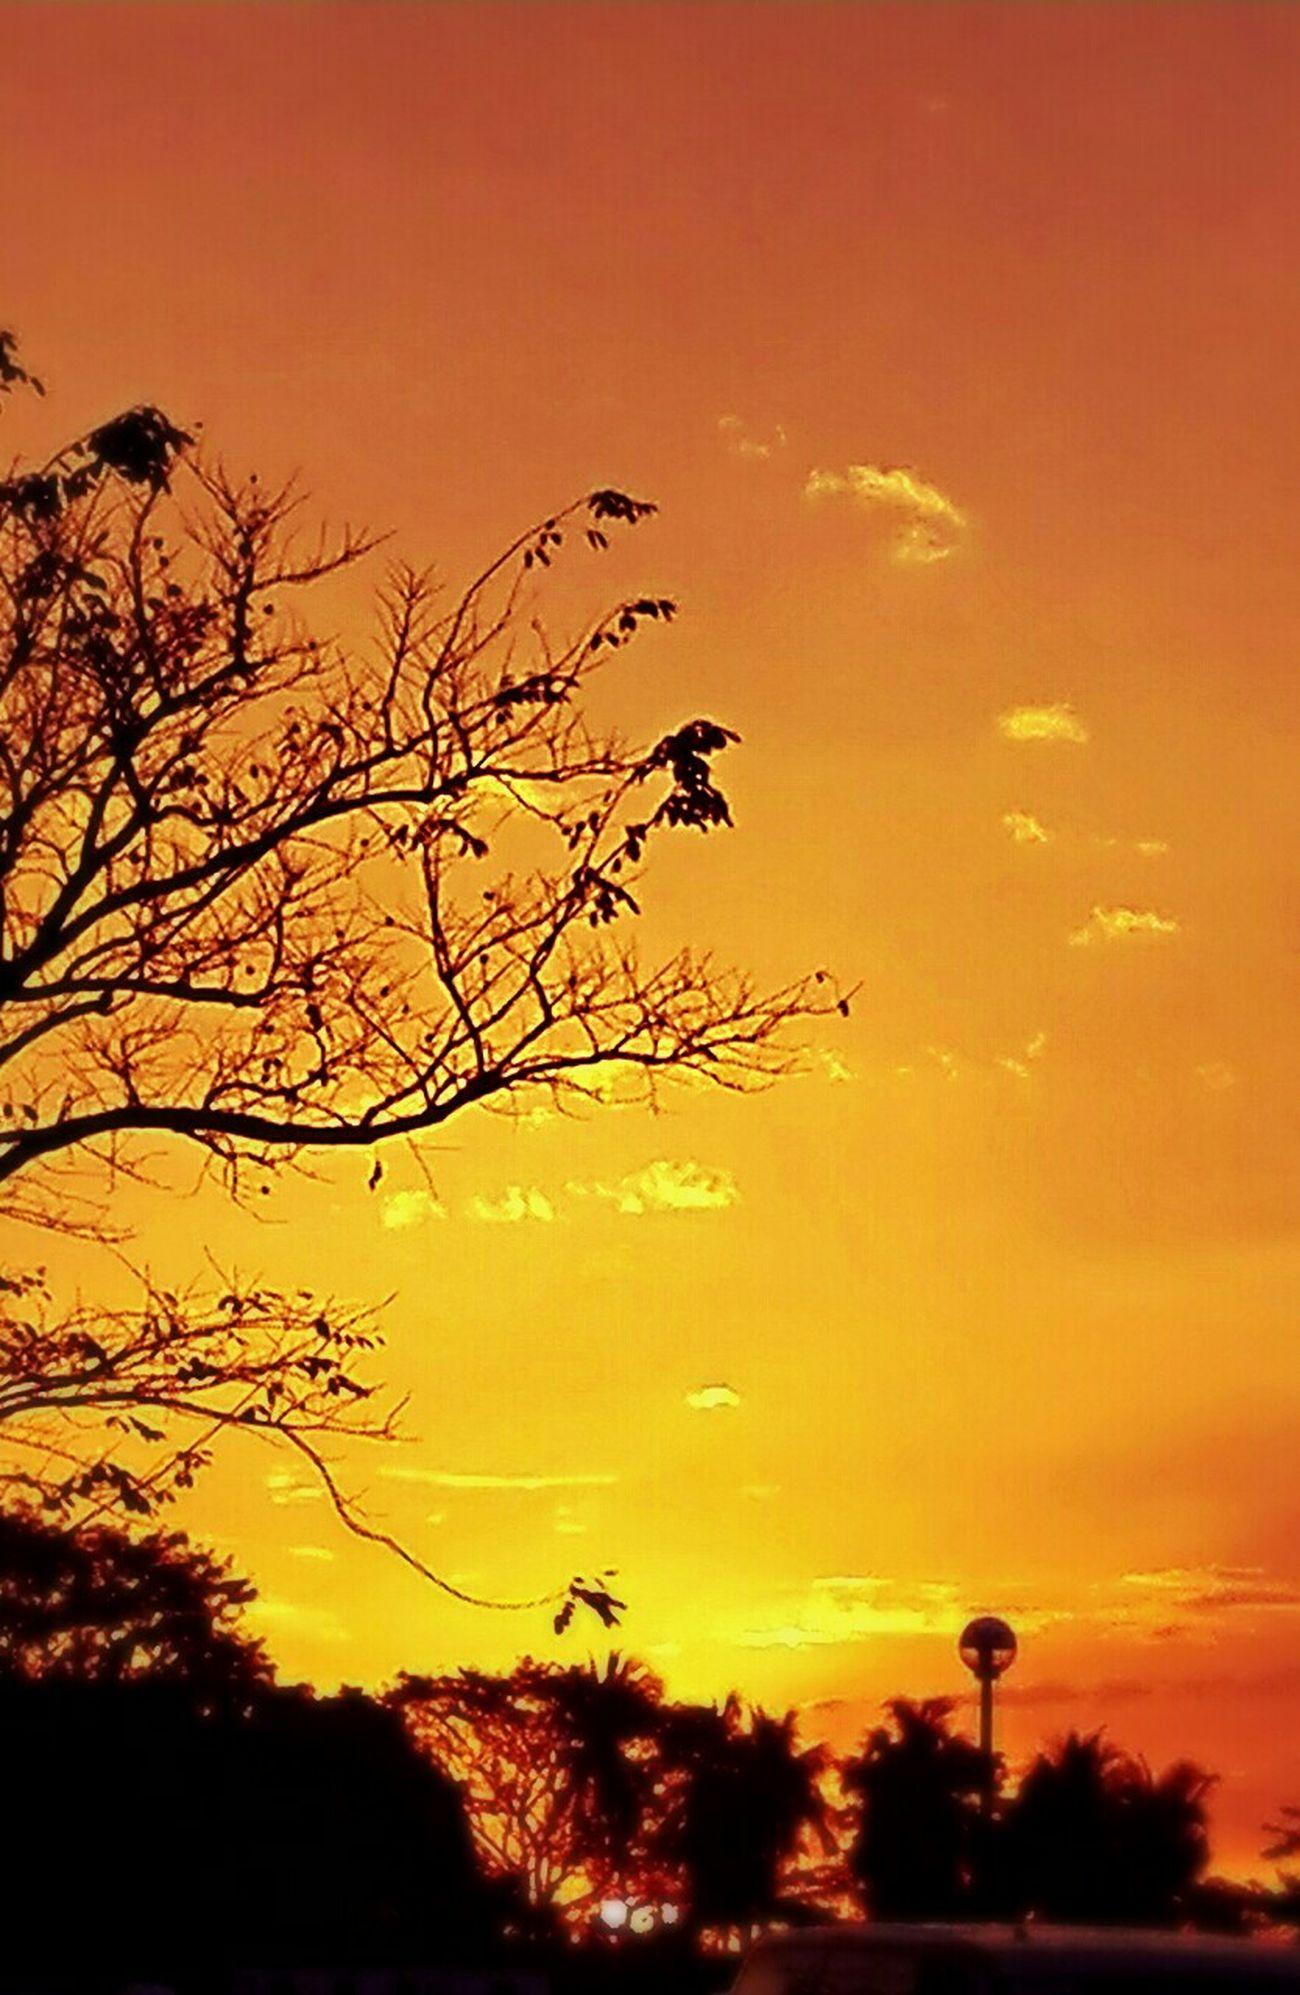 Enjoying Life Sunsetporn Sun ☀ Taking Photos Eye4photography  Eyemphilippines Bestclick Photooftheday